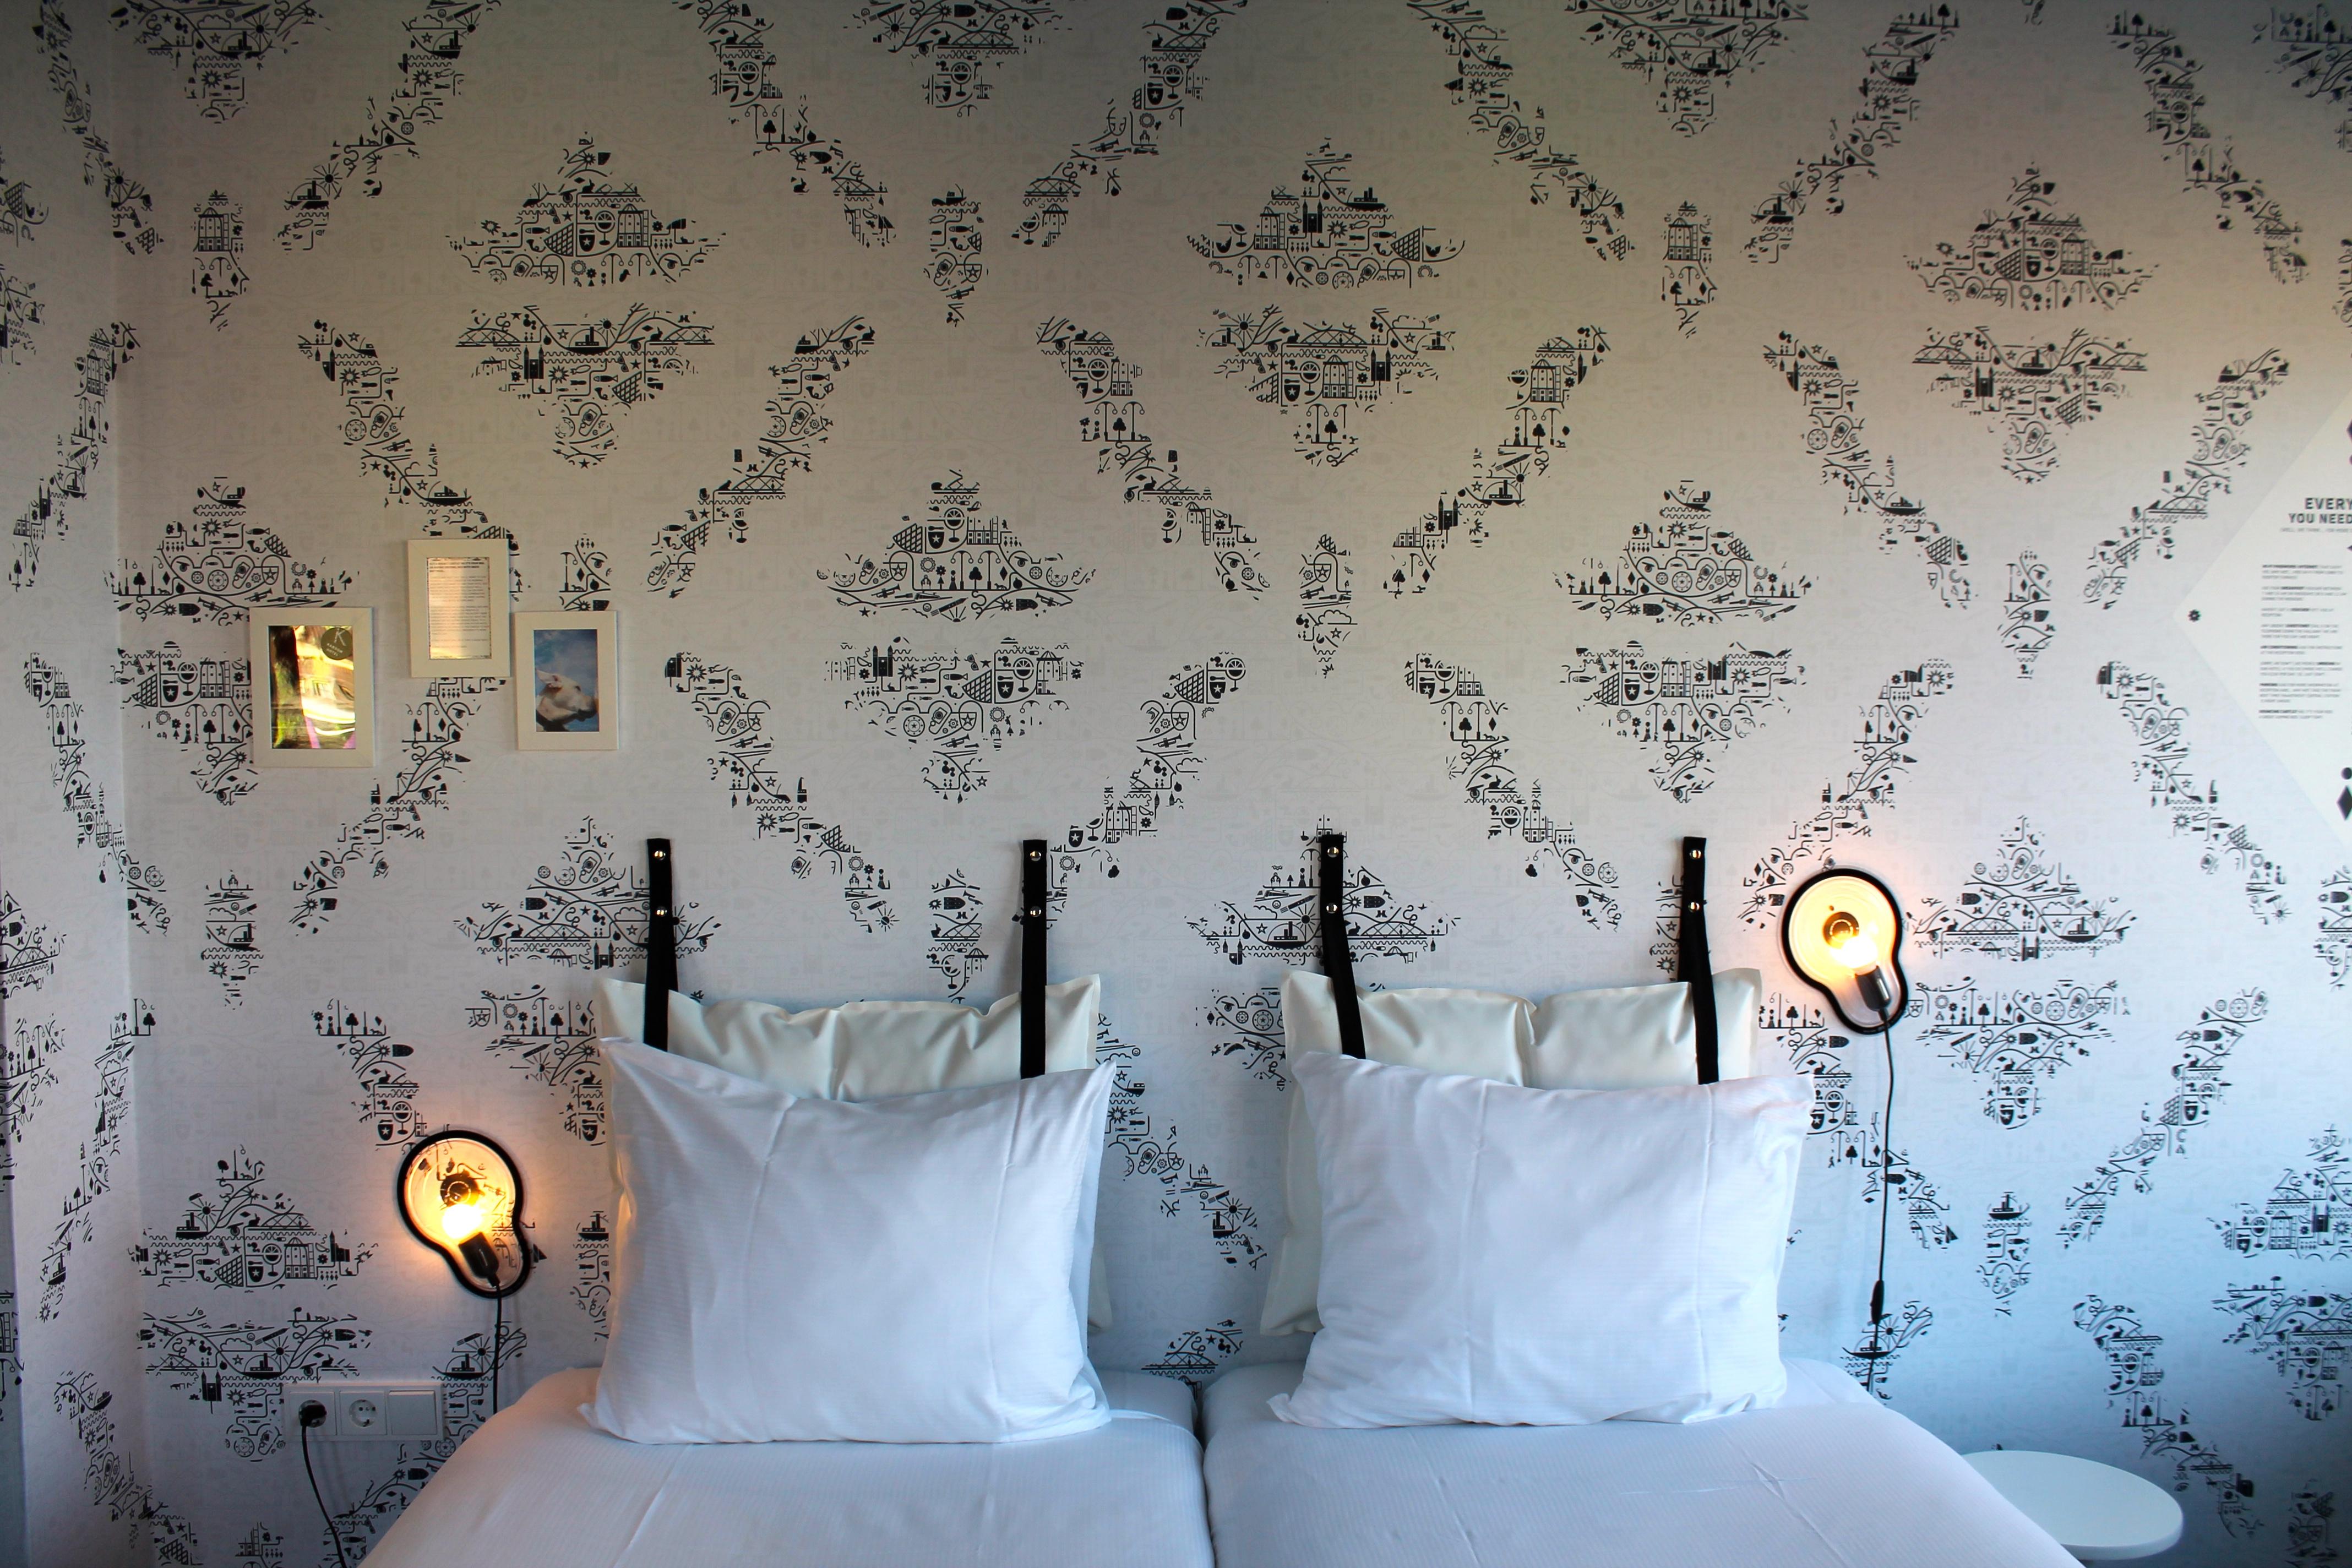 TRAVEL | Kaboom hotel in Maastricht